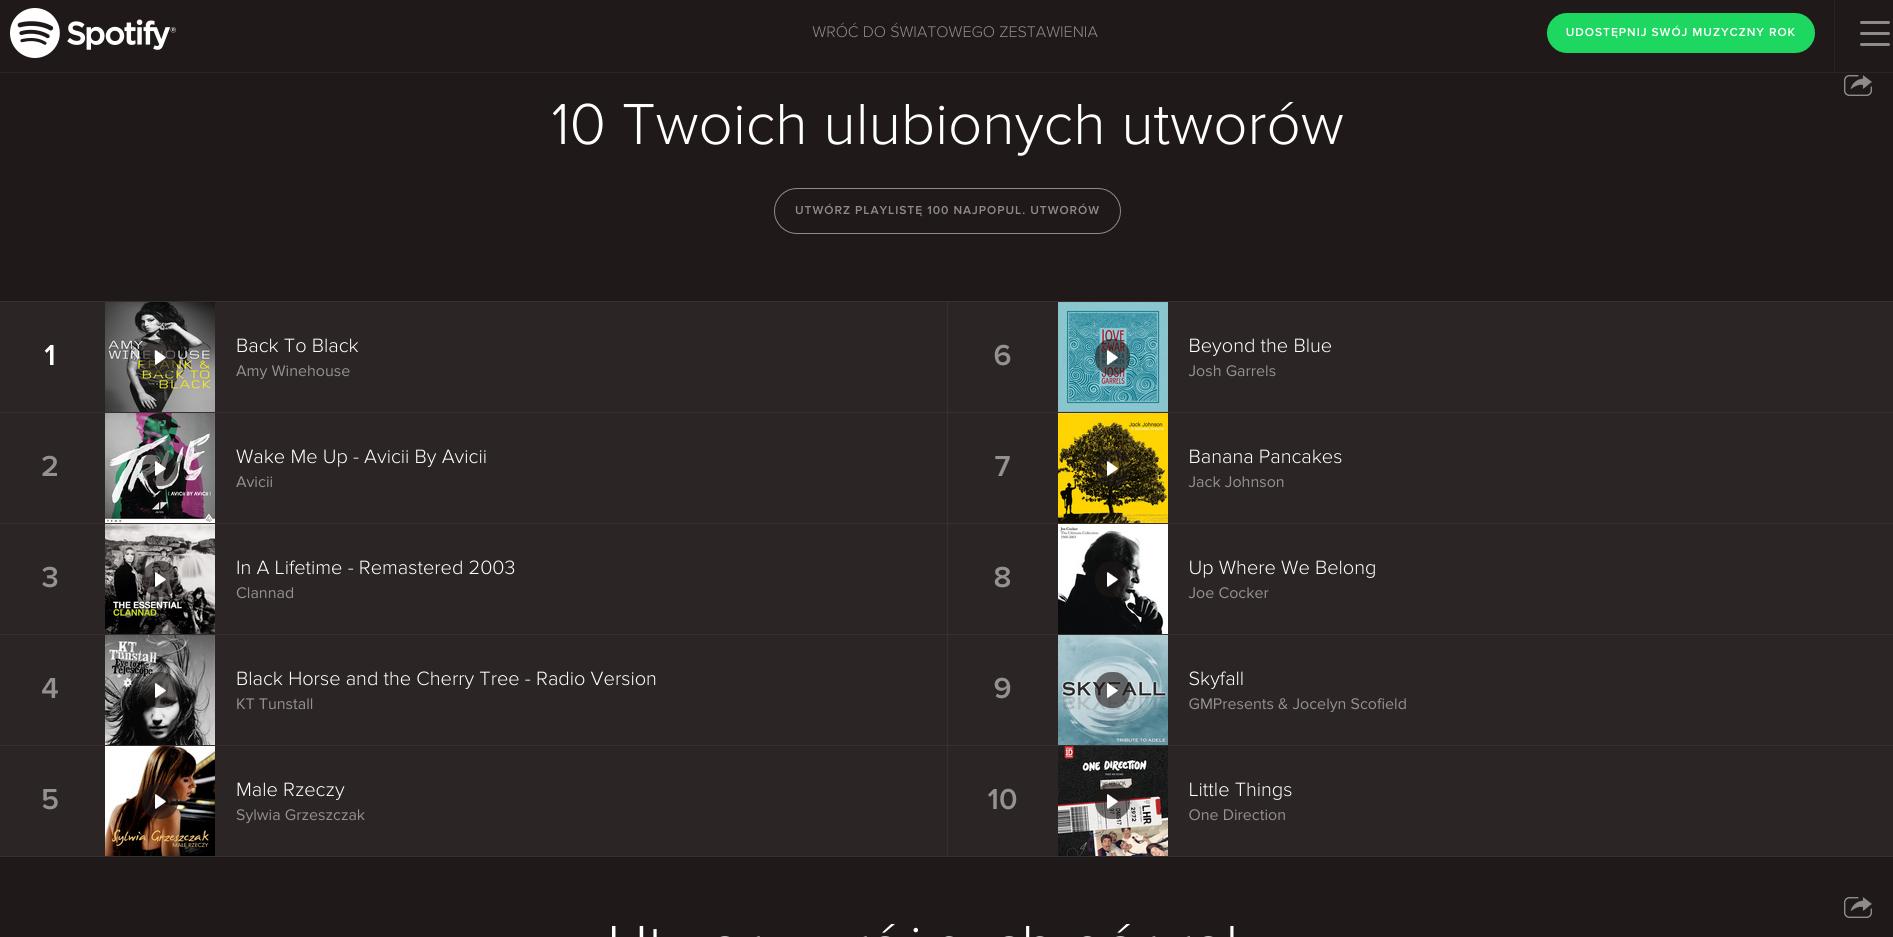 screenshot-www.spotify-yearinmusic.com 2014-12-05 19-34-04